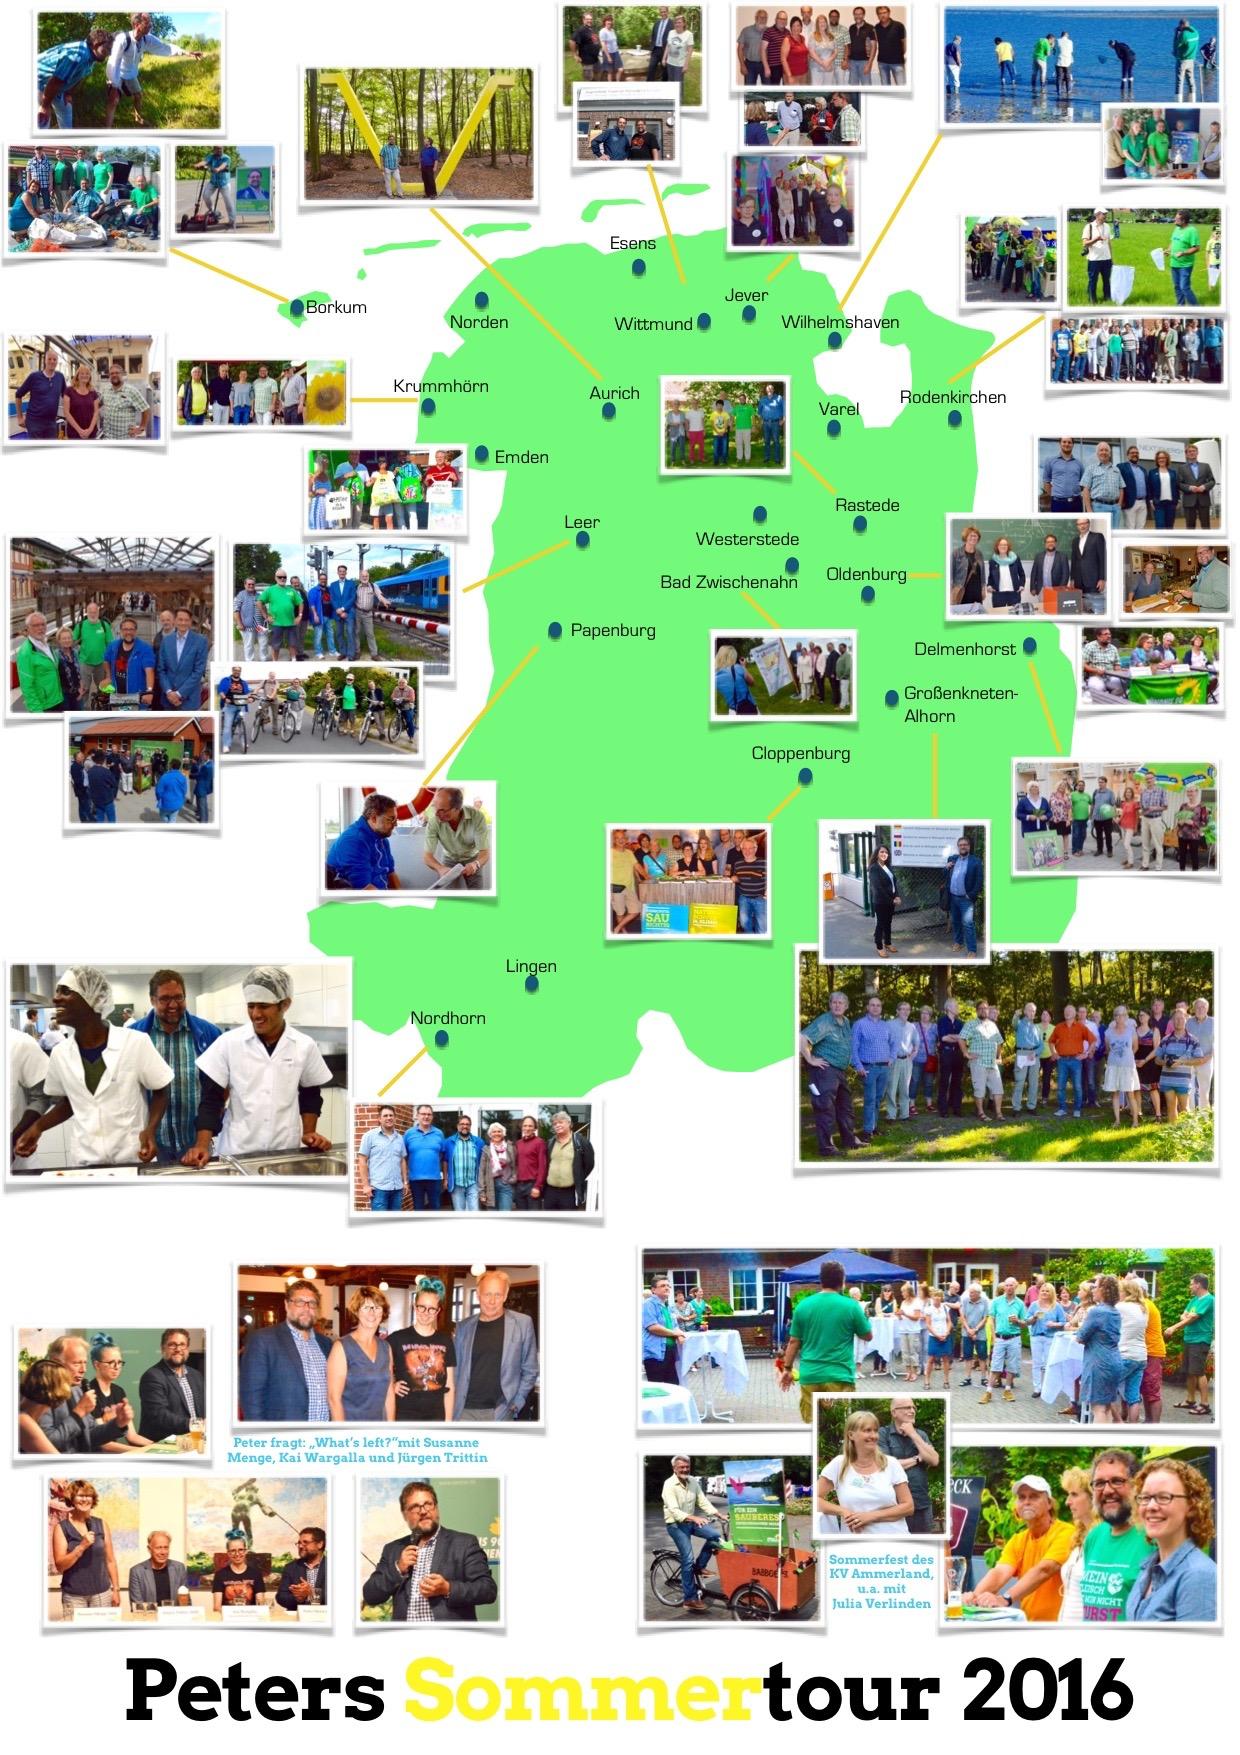 47 Termine in ganz Weser-Ems in zwei Wochen: Meine Sommertour war auch in diesem Sommer eine Ansammlung vieler Begegnungen, Eindrücke und Informationen. Mein Team hat daraus dieses tolle Tourposter gestaltet, im Original hat es die Größe DIN A1.